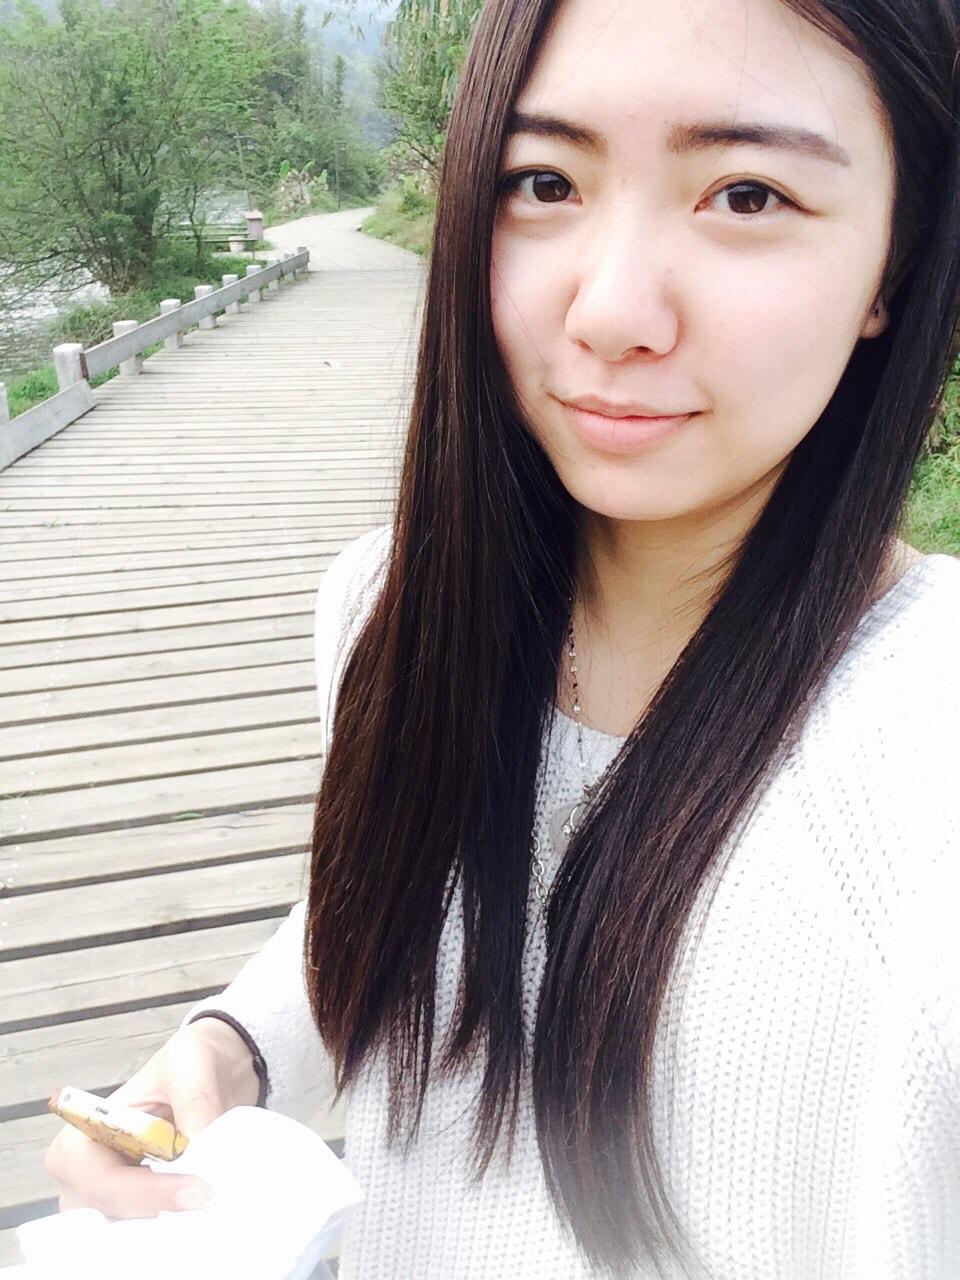 洁霏 from Shaoguan